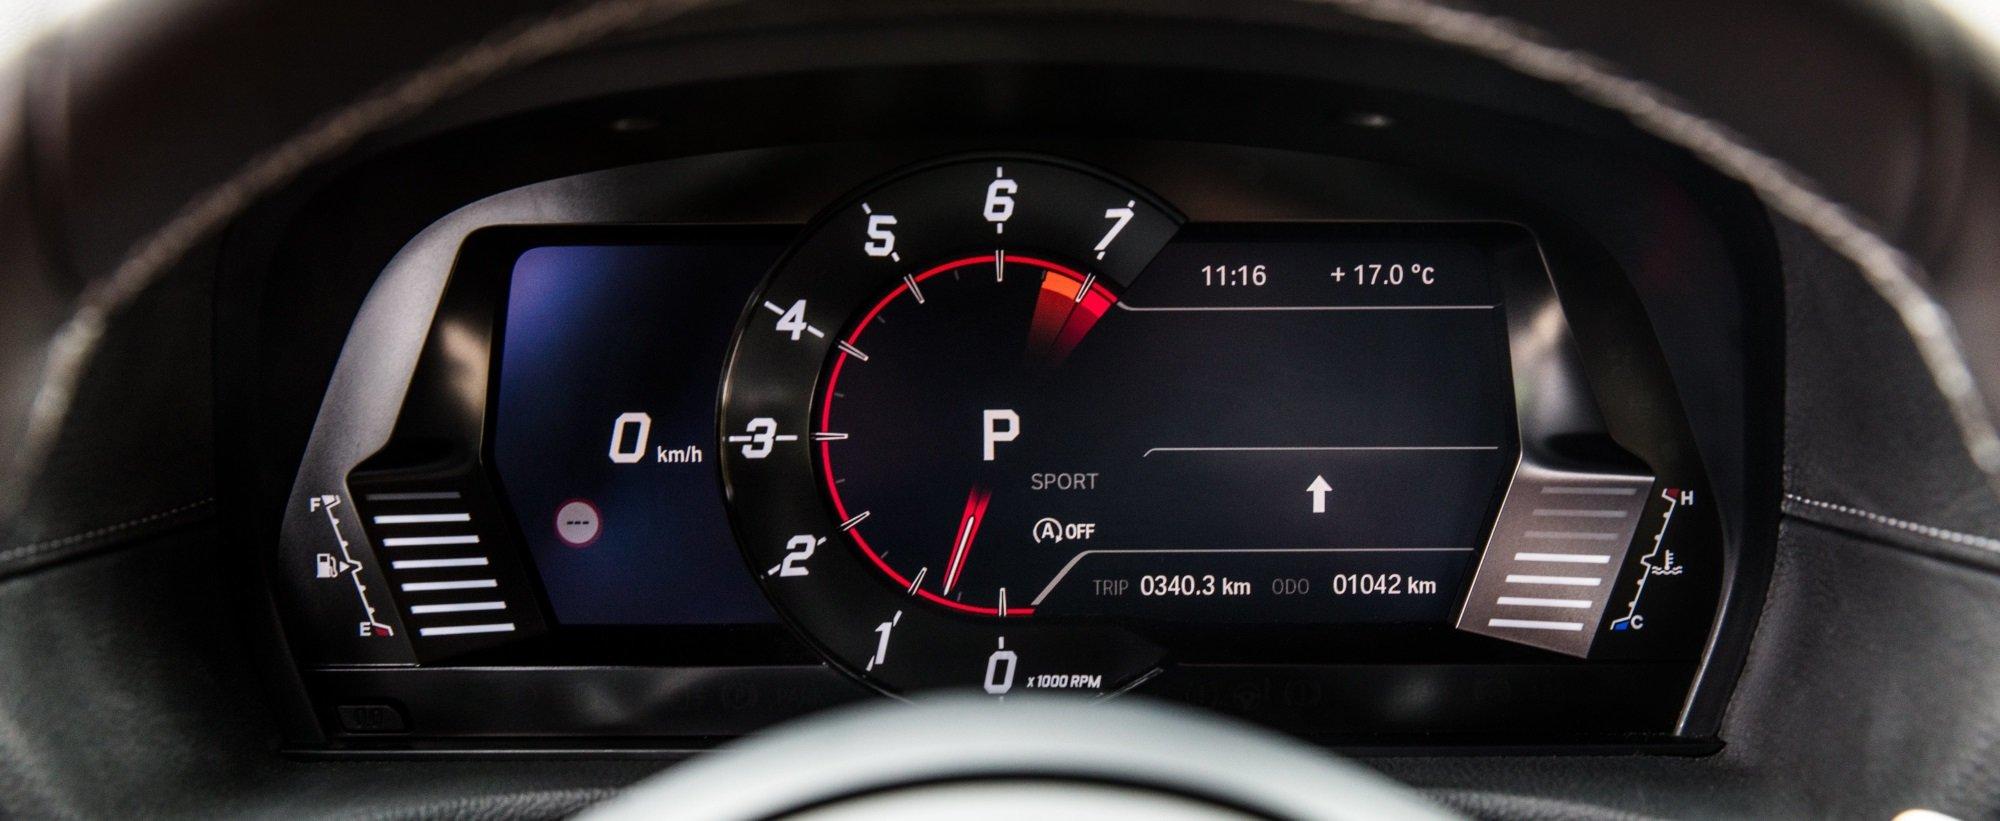 Названа цена Toyota Supra для России: больше 5 млн рублей